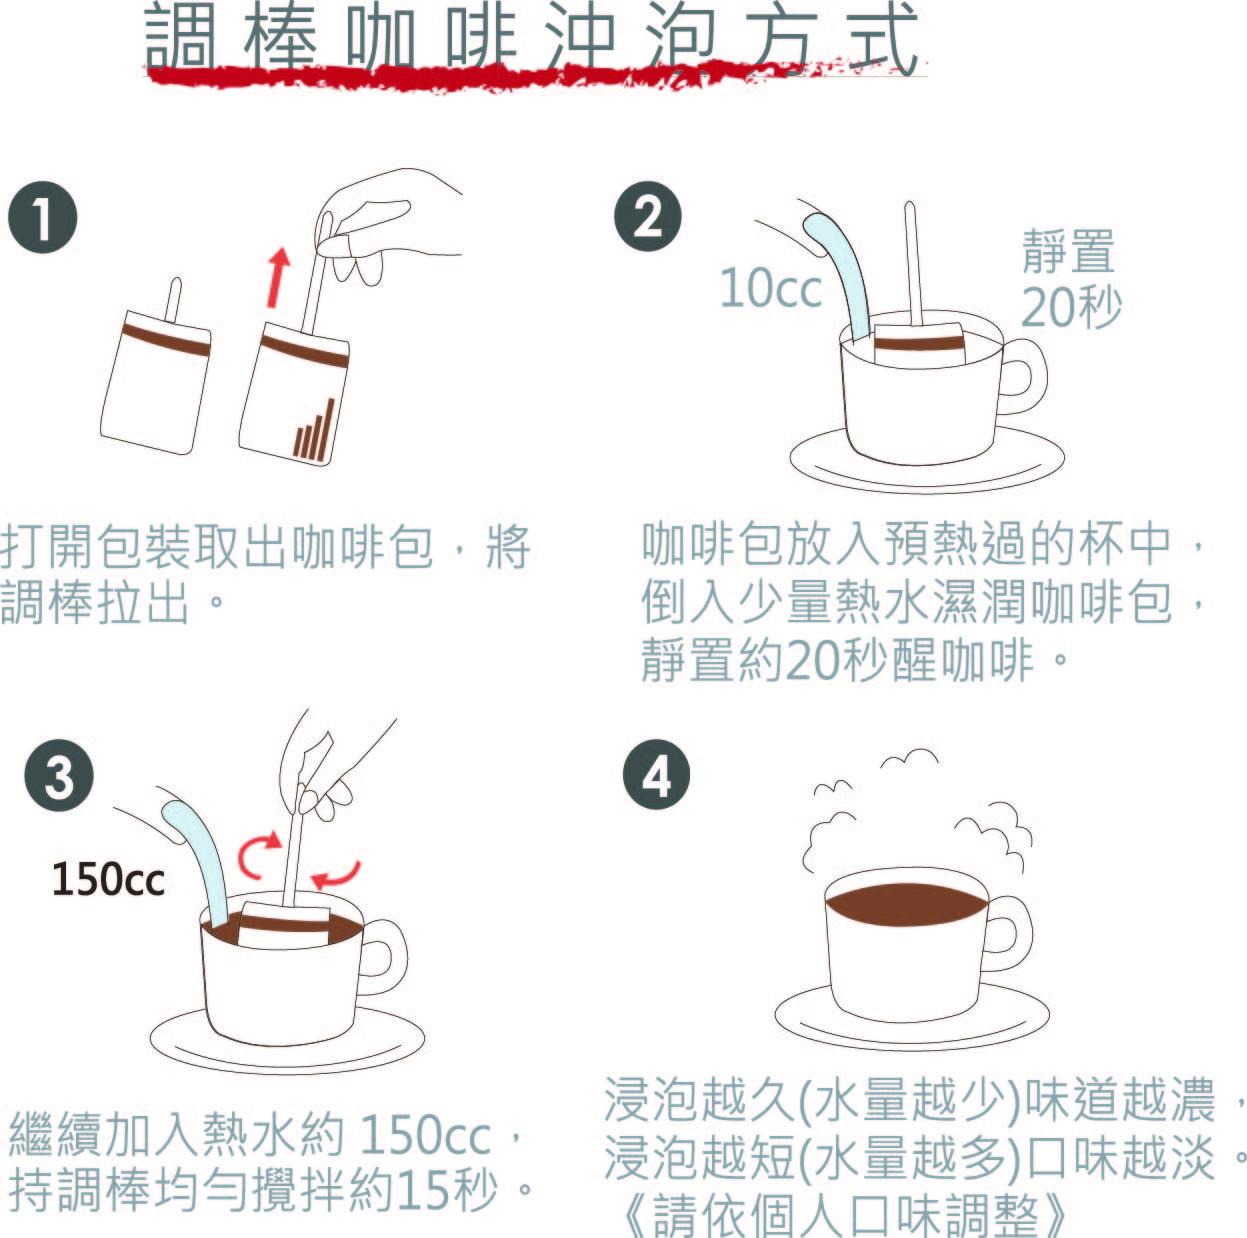 【澤井咖啡】★新口味新包裝 因應客戶需求,調棒式咖啡-紅寶石.香醇.曼特寧口味 2